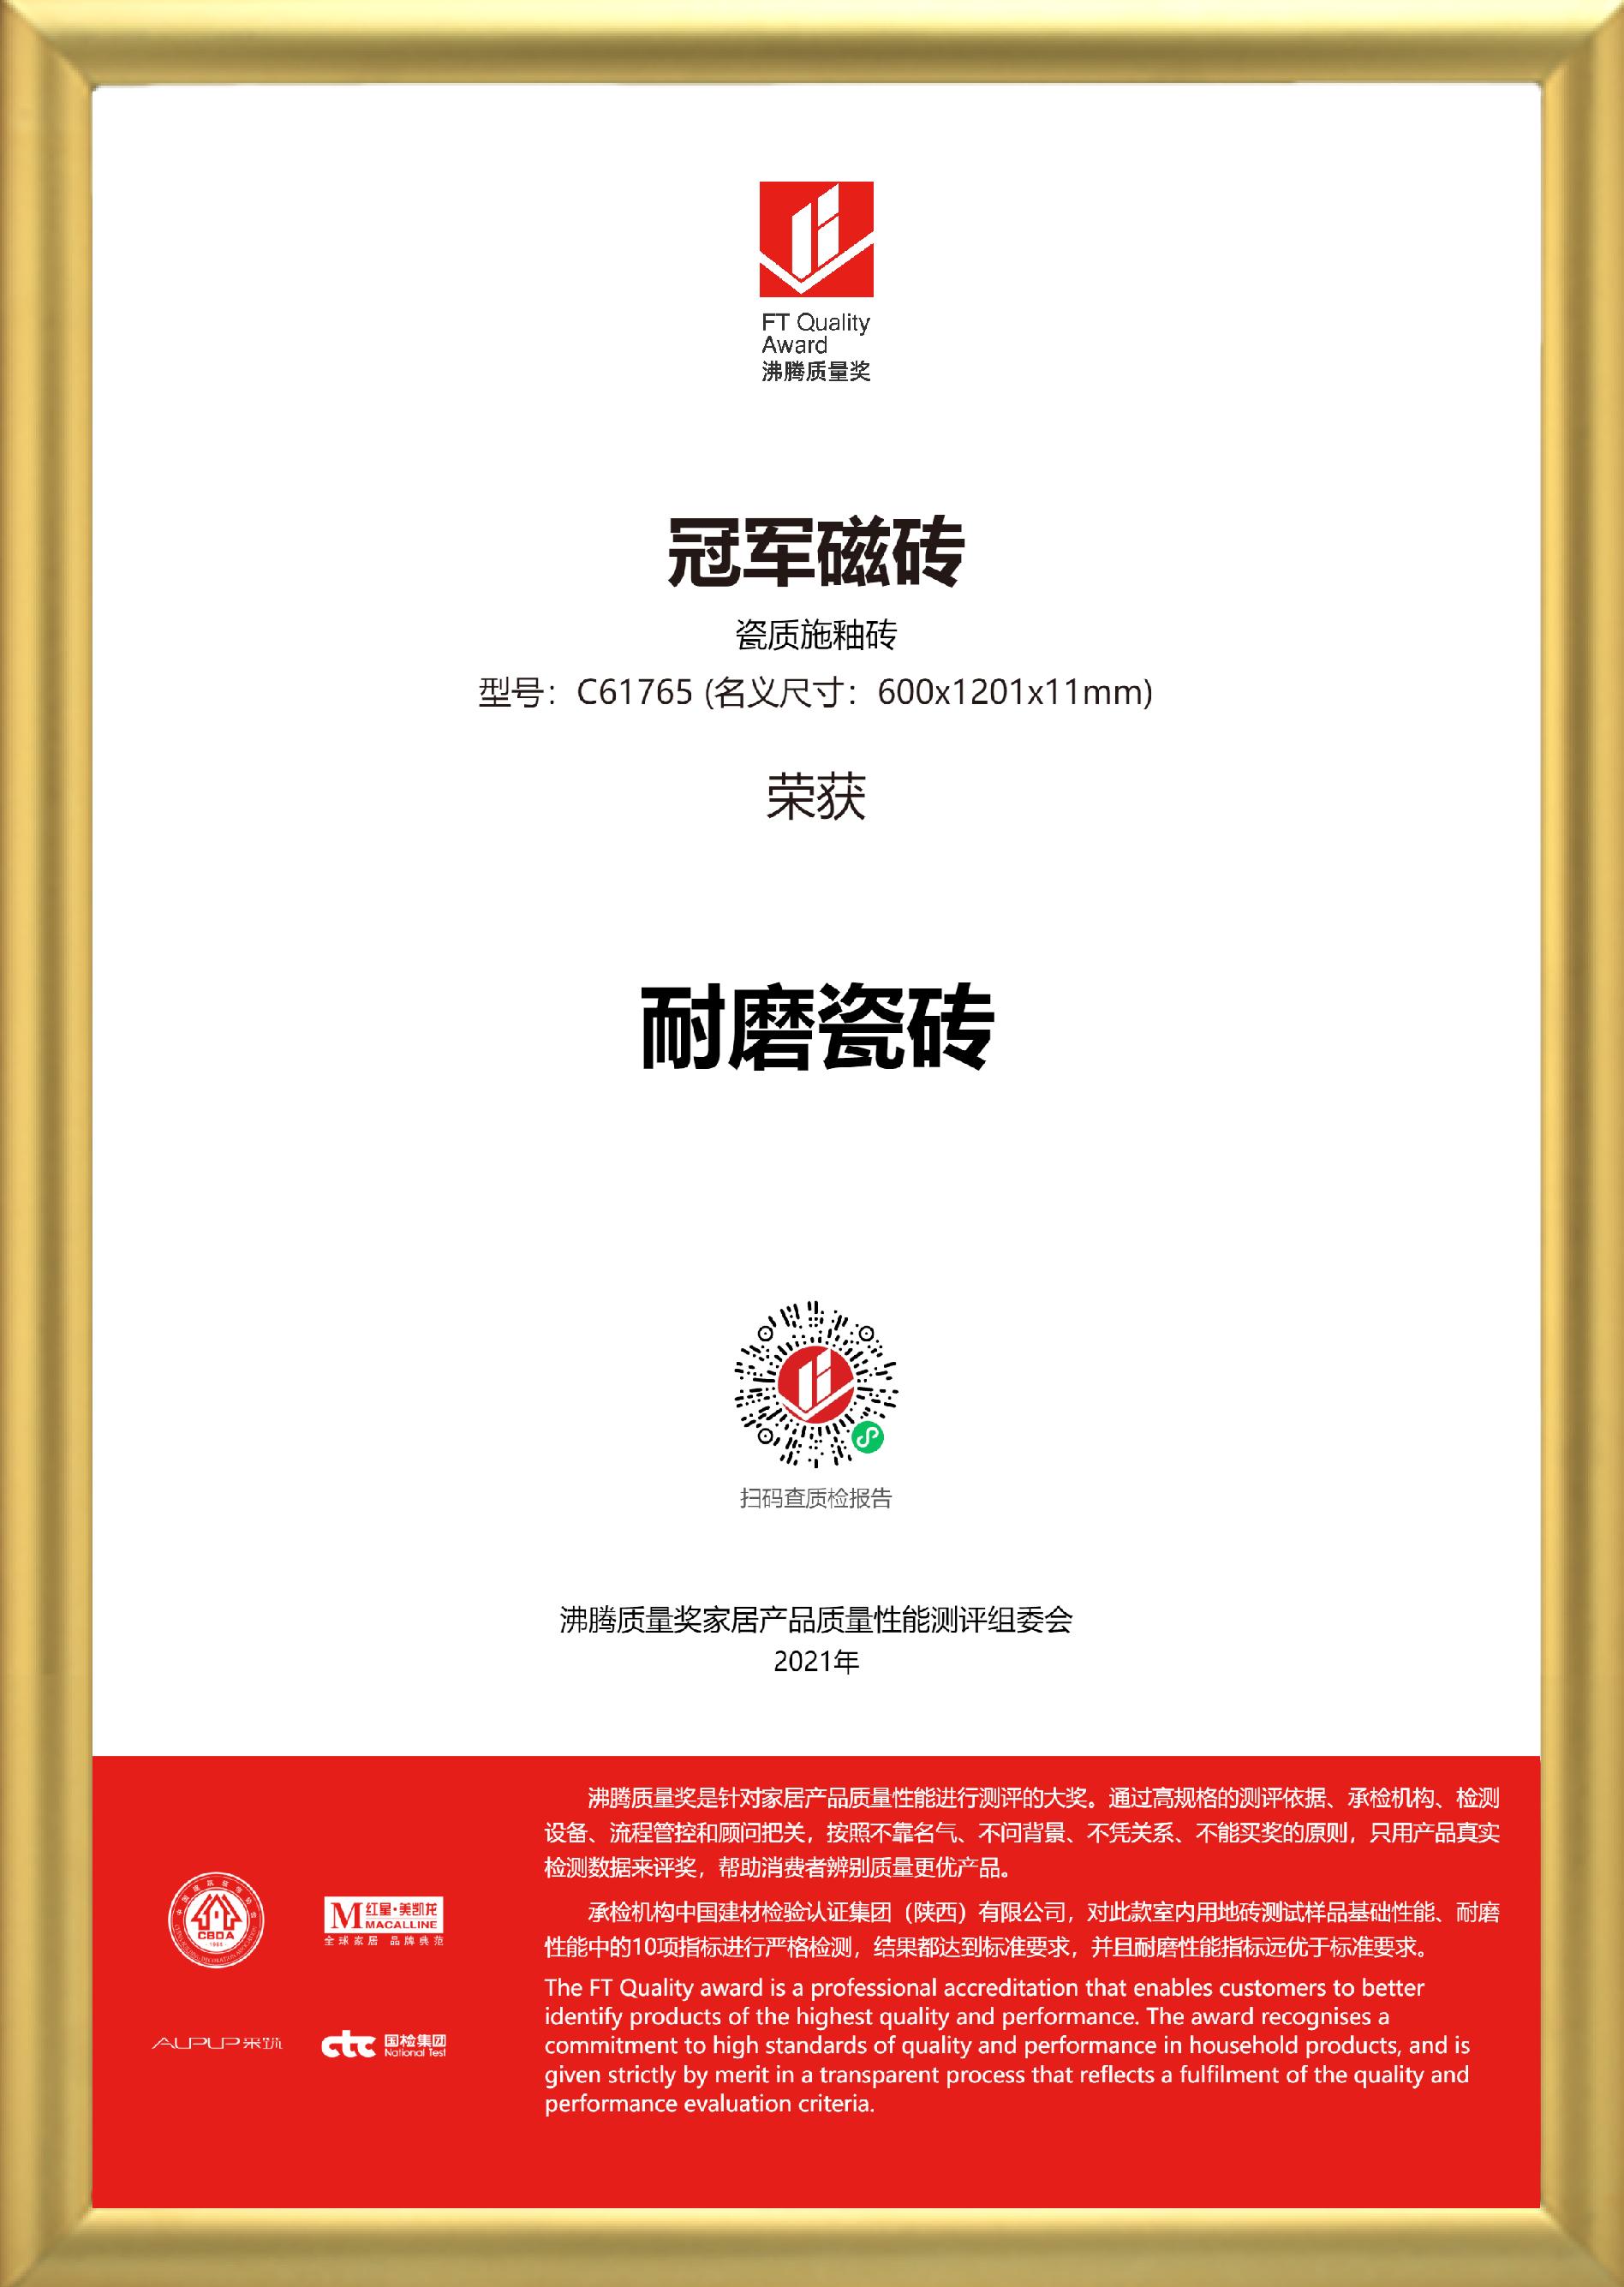 金框加持-获奖证书-冠军磁砖-室内用地砖-C61765 (名义尺寸:600x1201x11mm).png